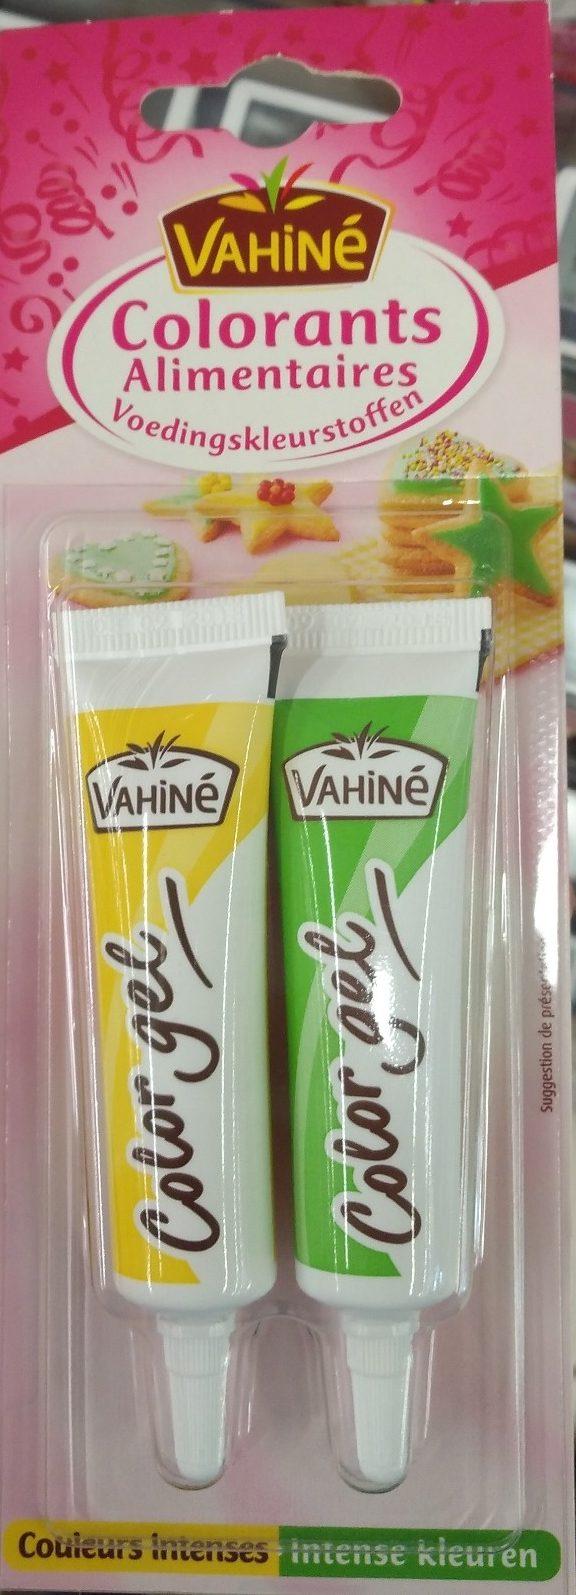 Colorants Alimentaires - Produit - fr